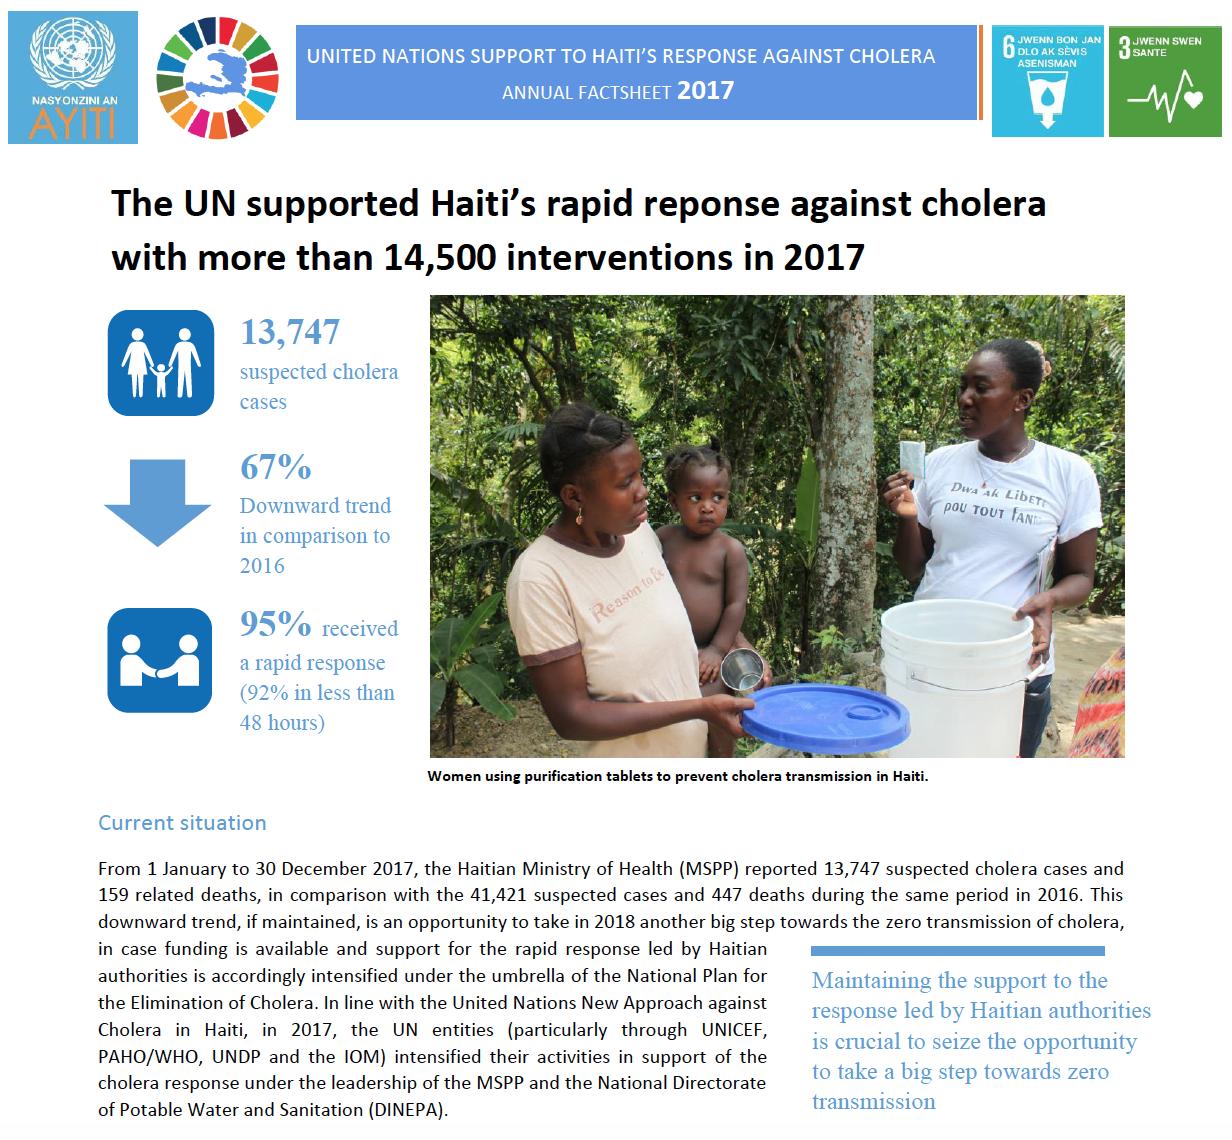 Factsheet sur la lutte contre le choléra en Haiti en 2017